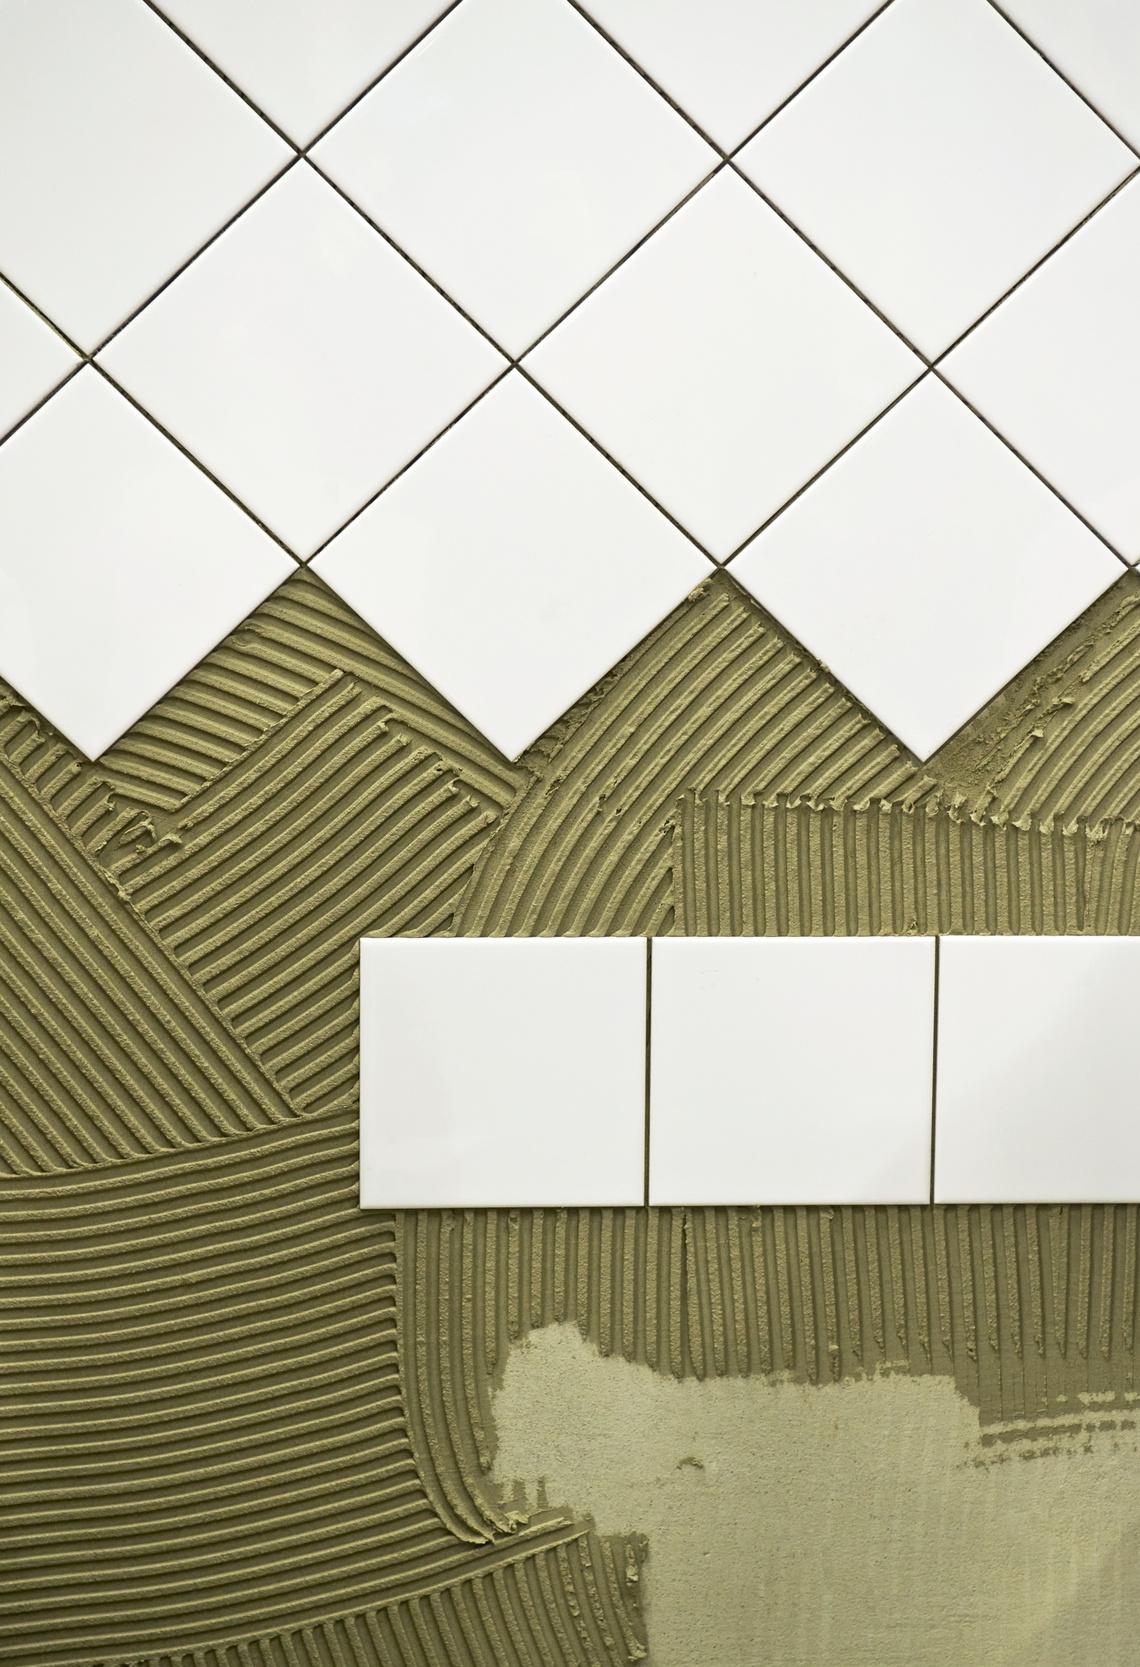 steingutfliesen keramischer wandbelag in gro er vielfalt dennis b sel renoviert. Black Bedroom Furniture Sets. Home Design Ideas